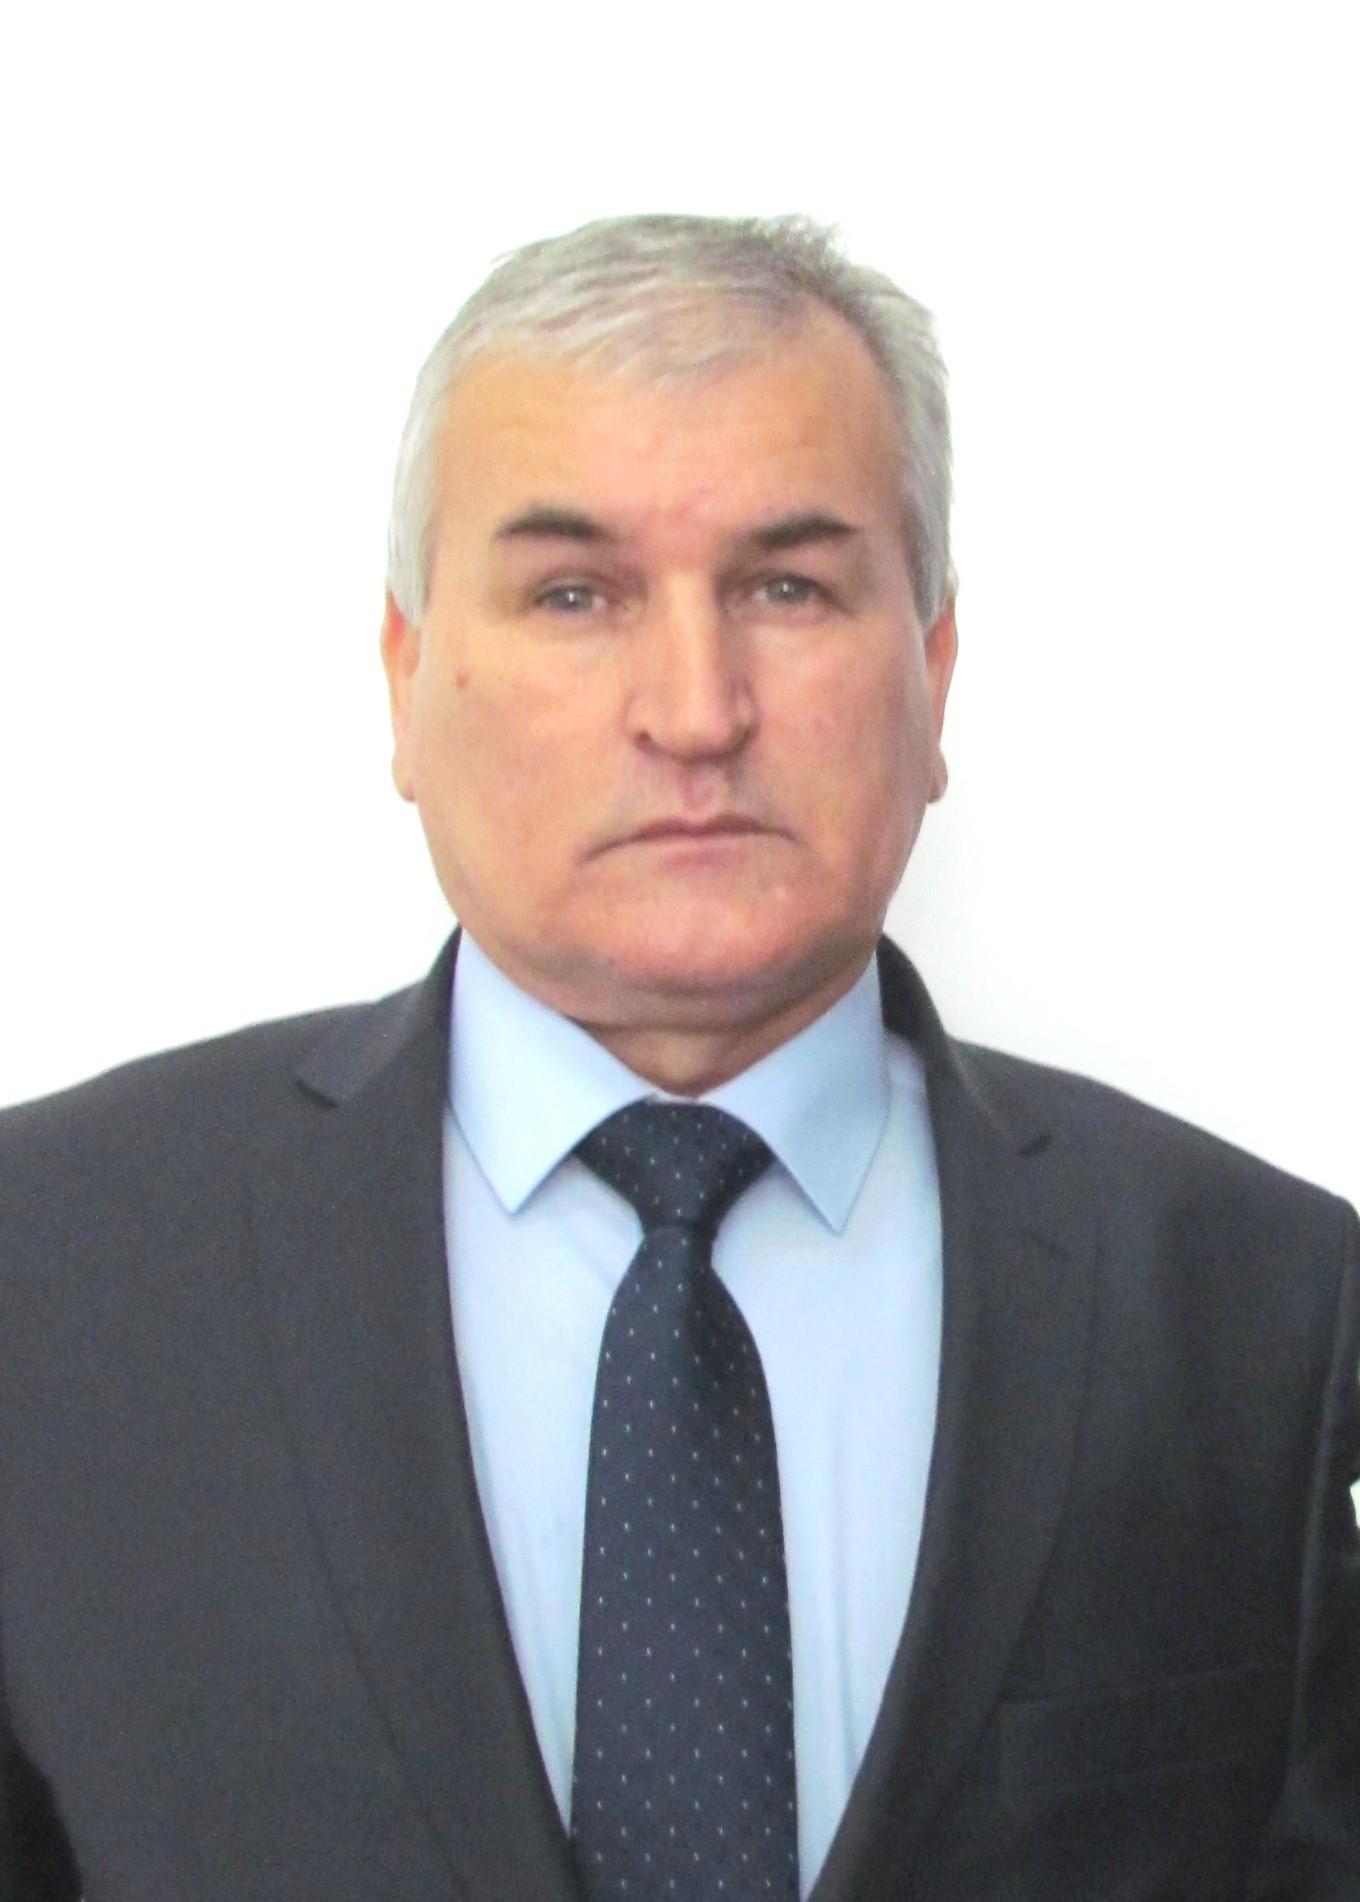 Қиматов Рустам Сафарович